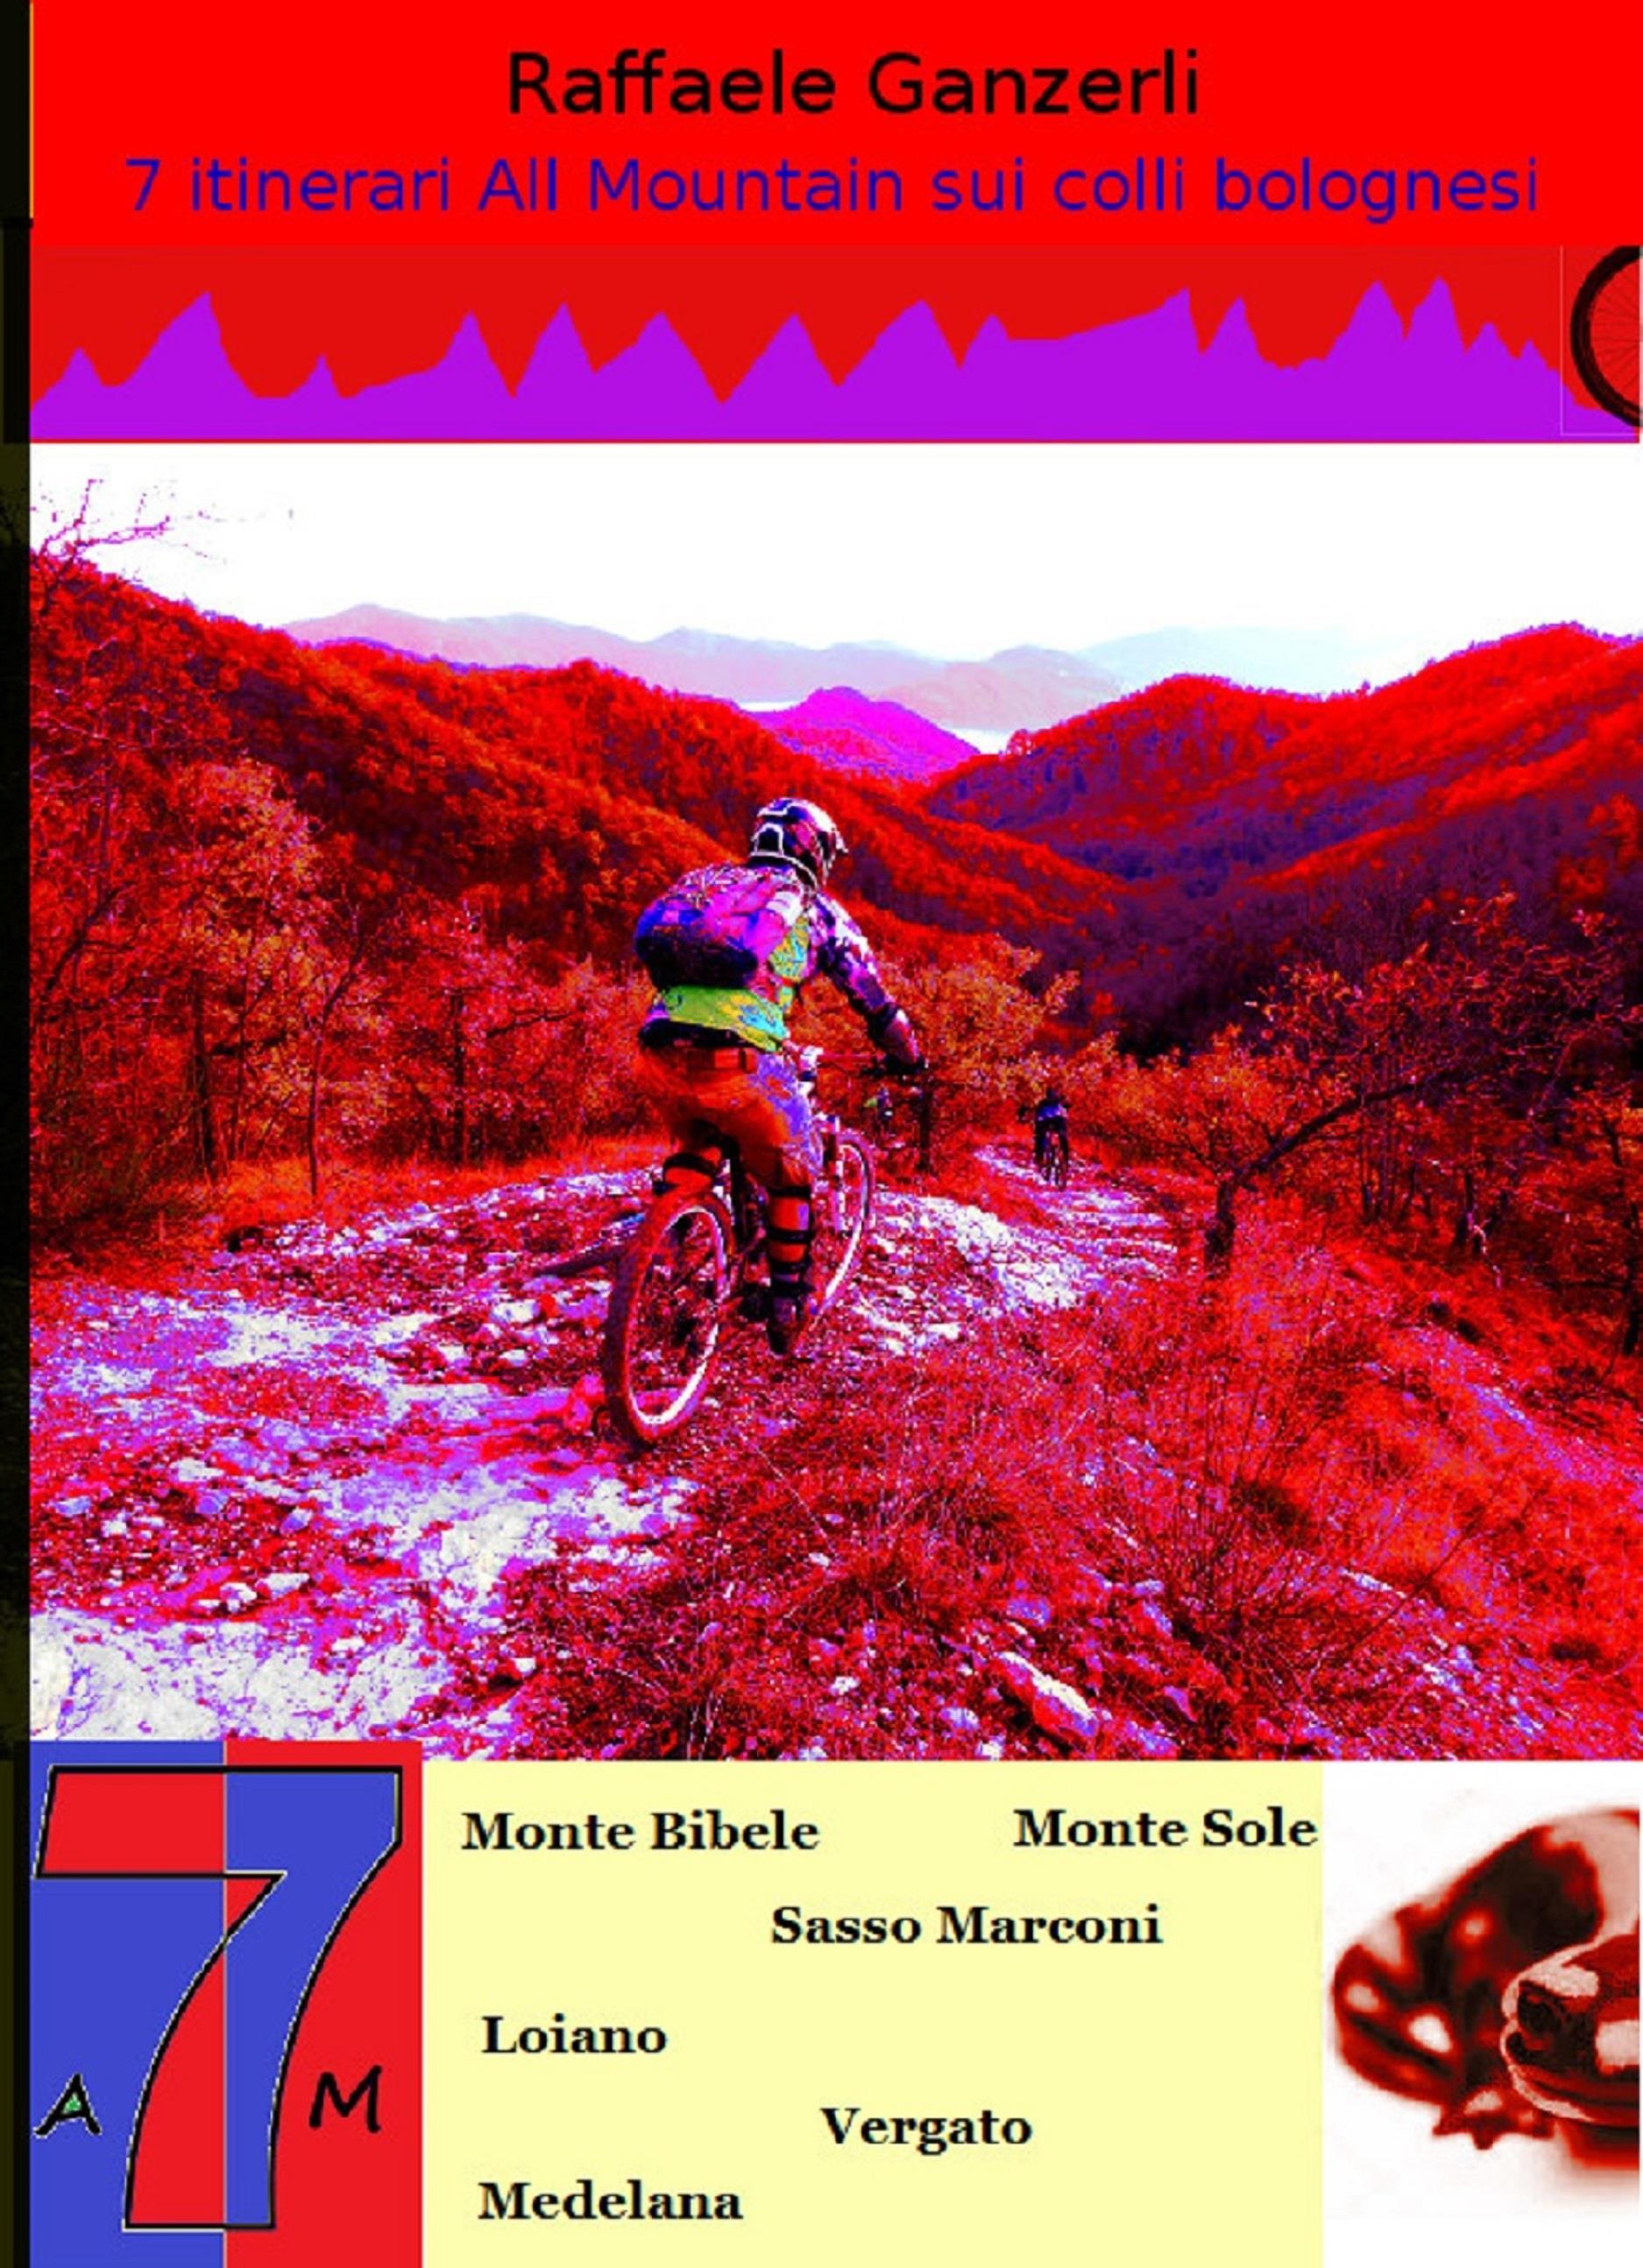 7 itinerari All Mountain sull' Appennino Bolognese